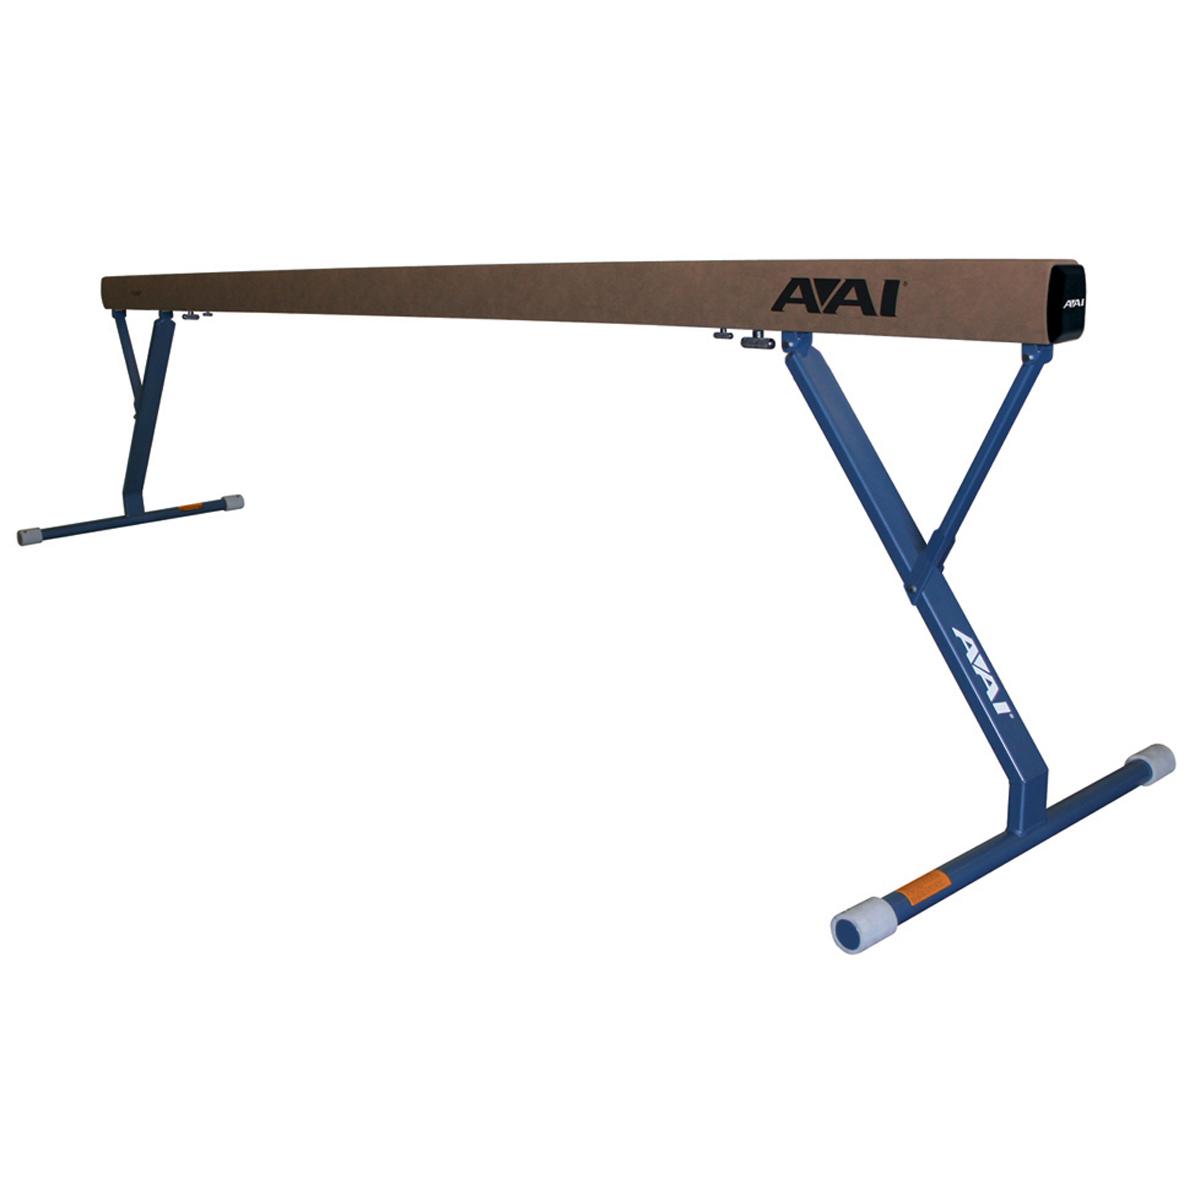 AAI adjustable club balance beam